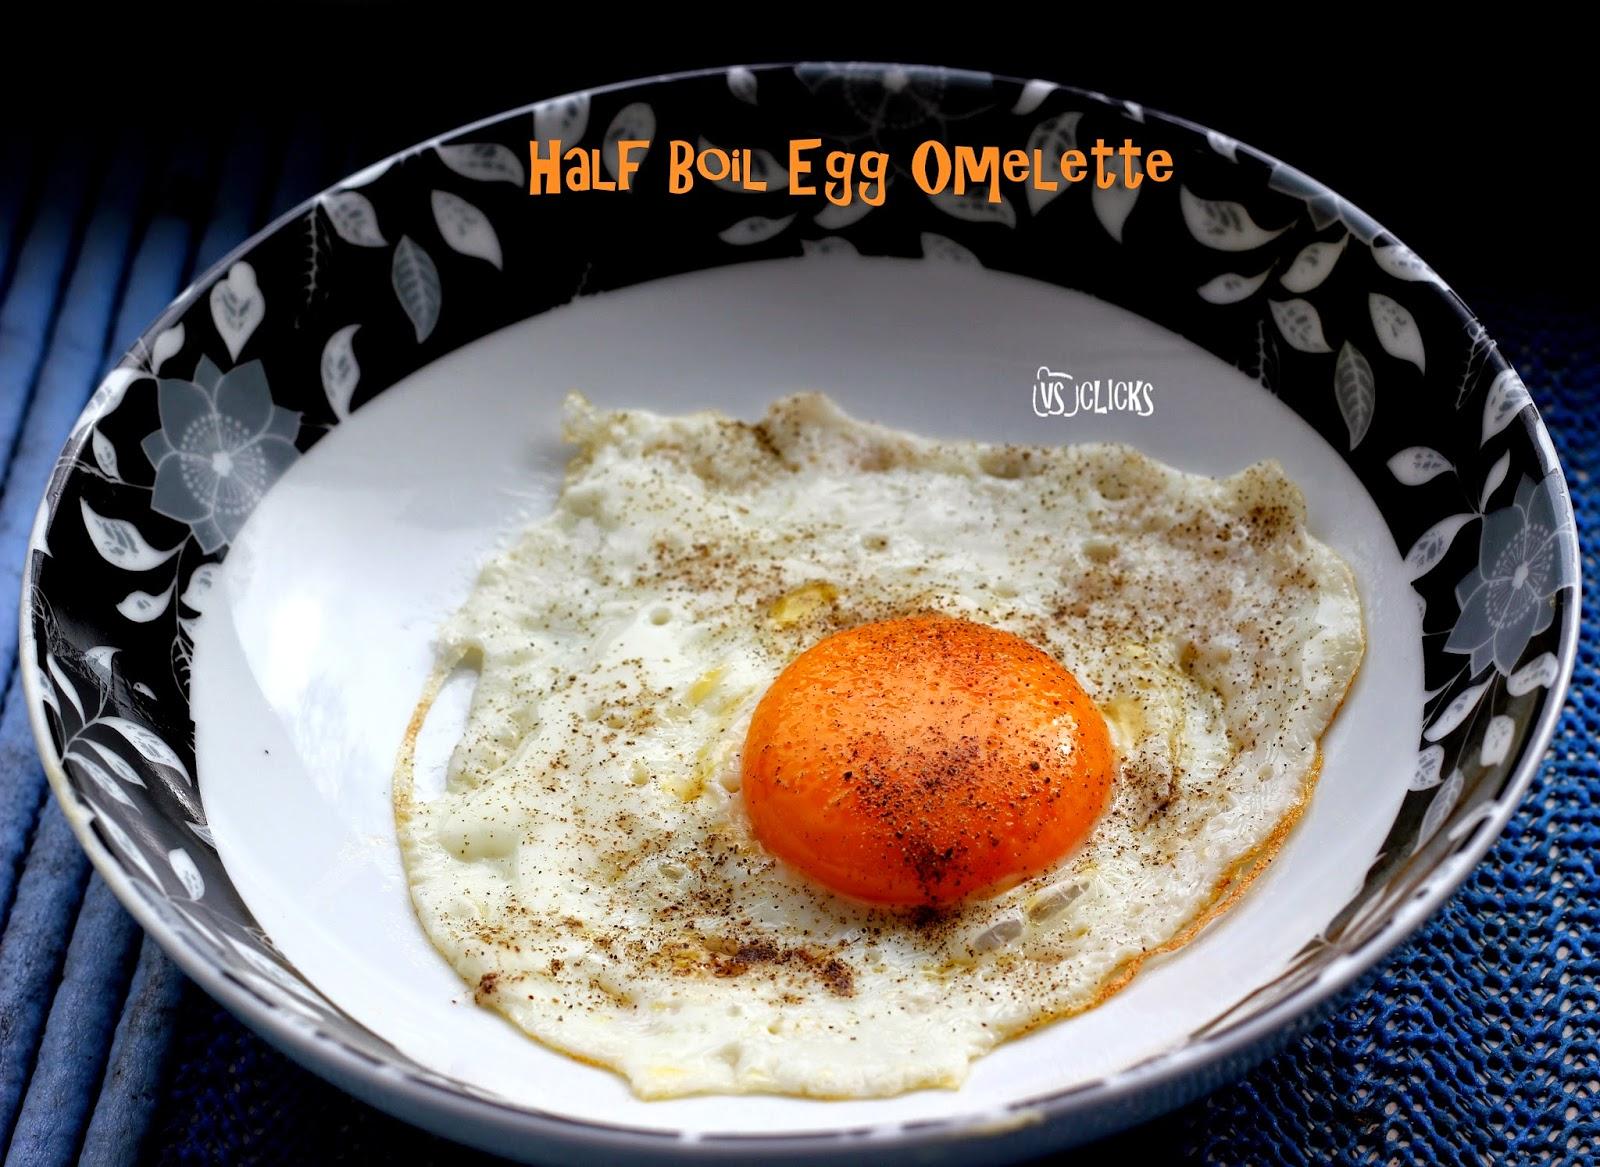 Half Boil Egg Omelette